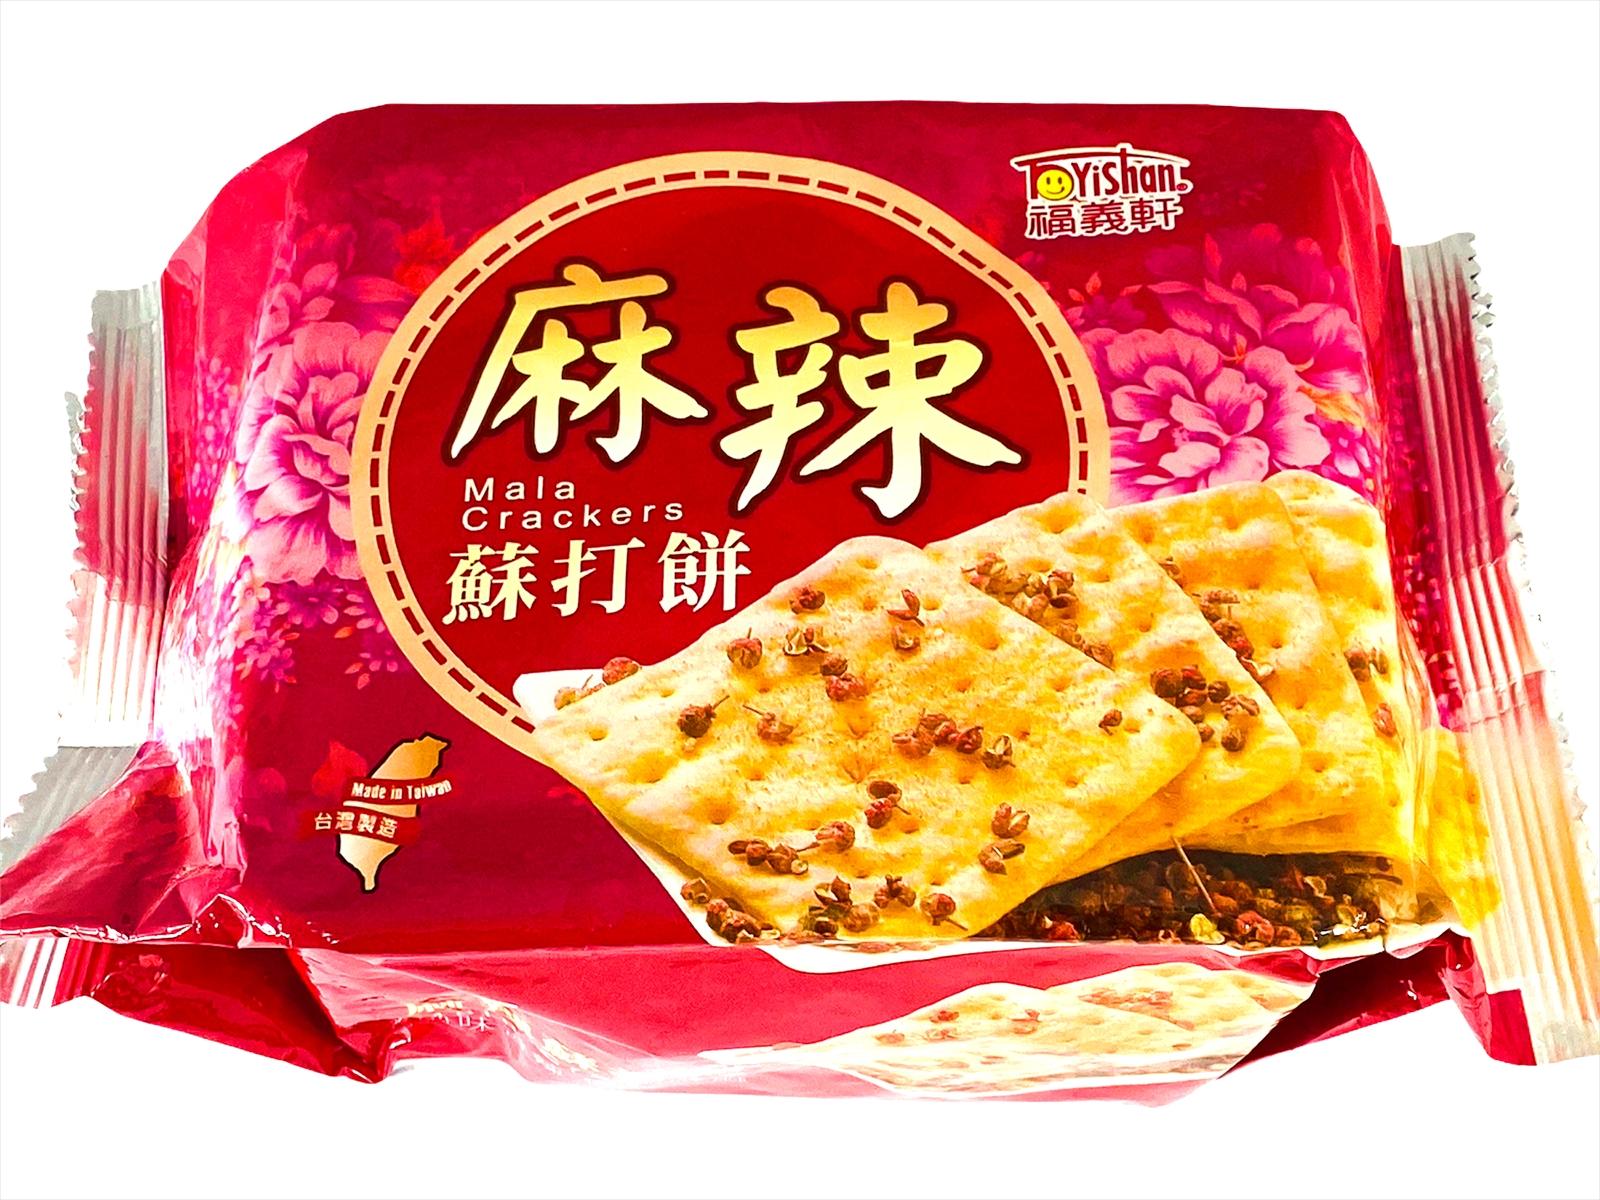 福義軒 麻辣 蘇打餅 フーイーシェン マーラークラッカー